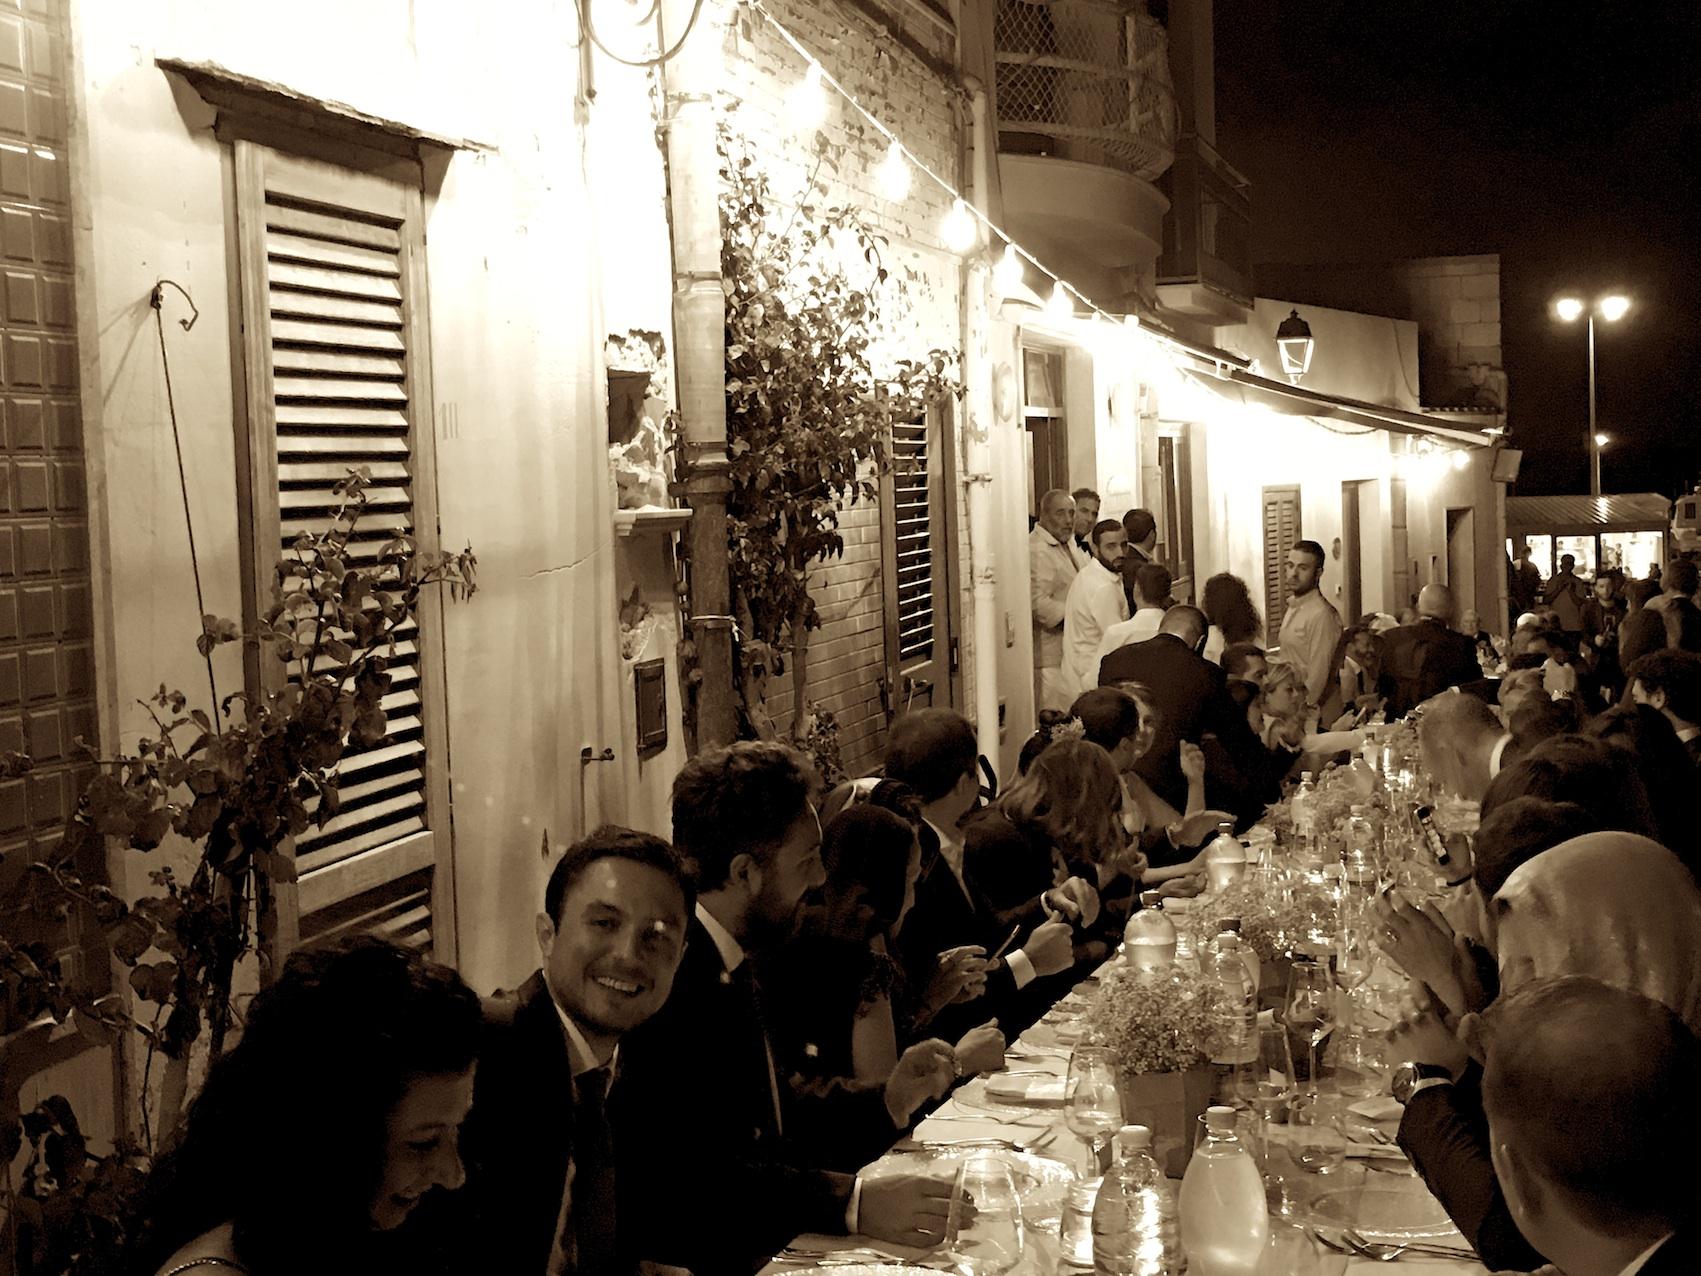 Matrimonio In Giugno : Matrimonio in sicilia giugno